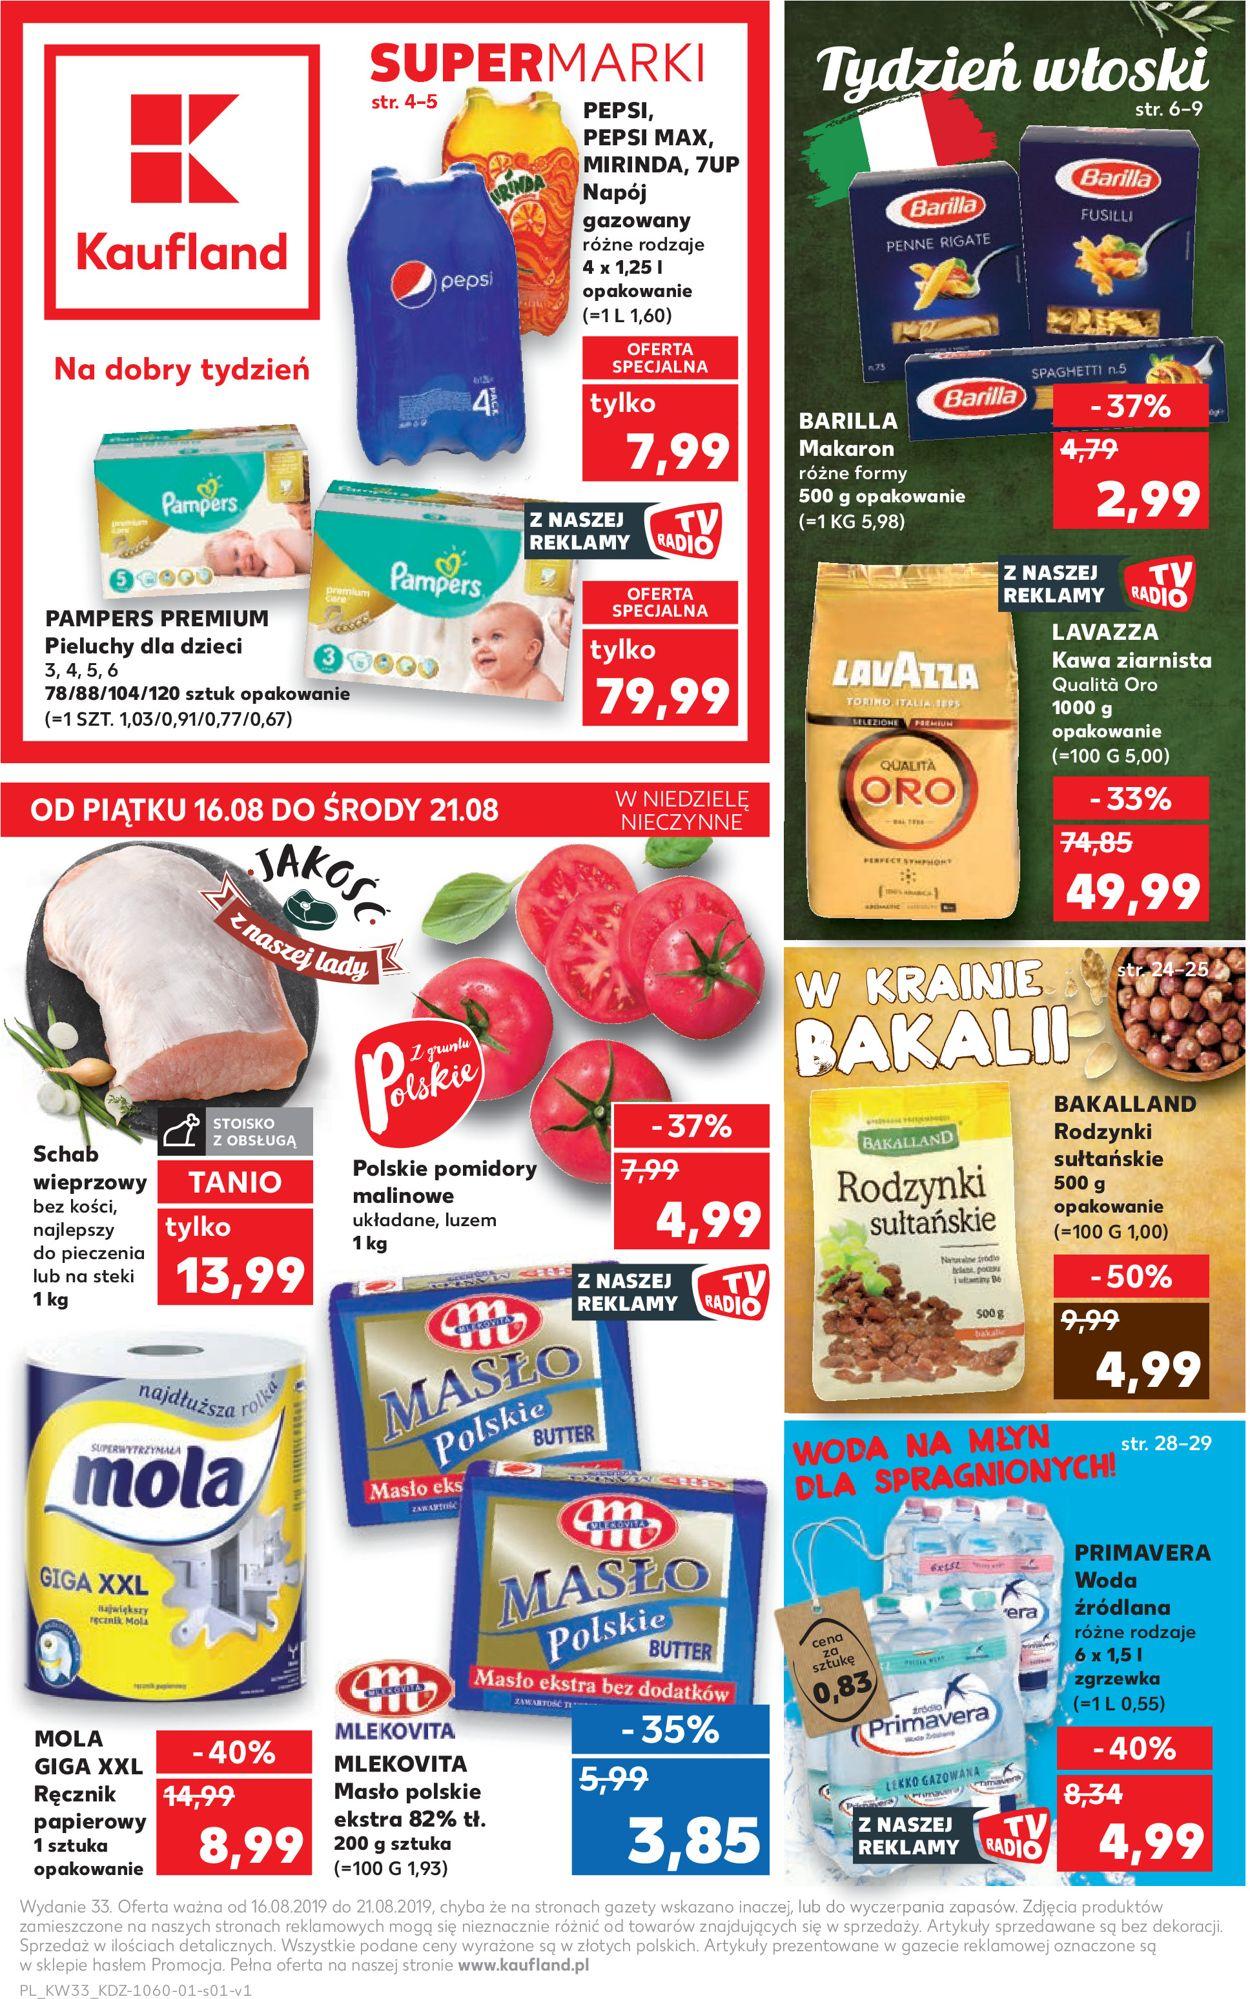 Gazetka promocyjna Kaufland - 16.08-21.08.2019